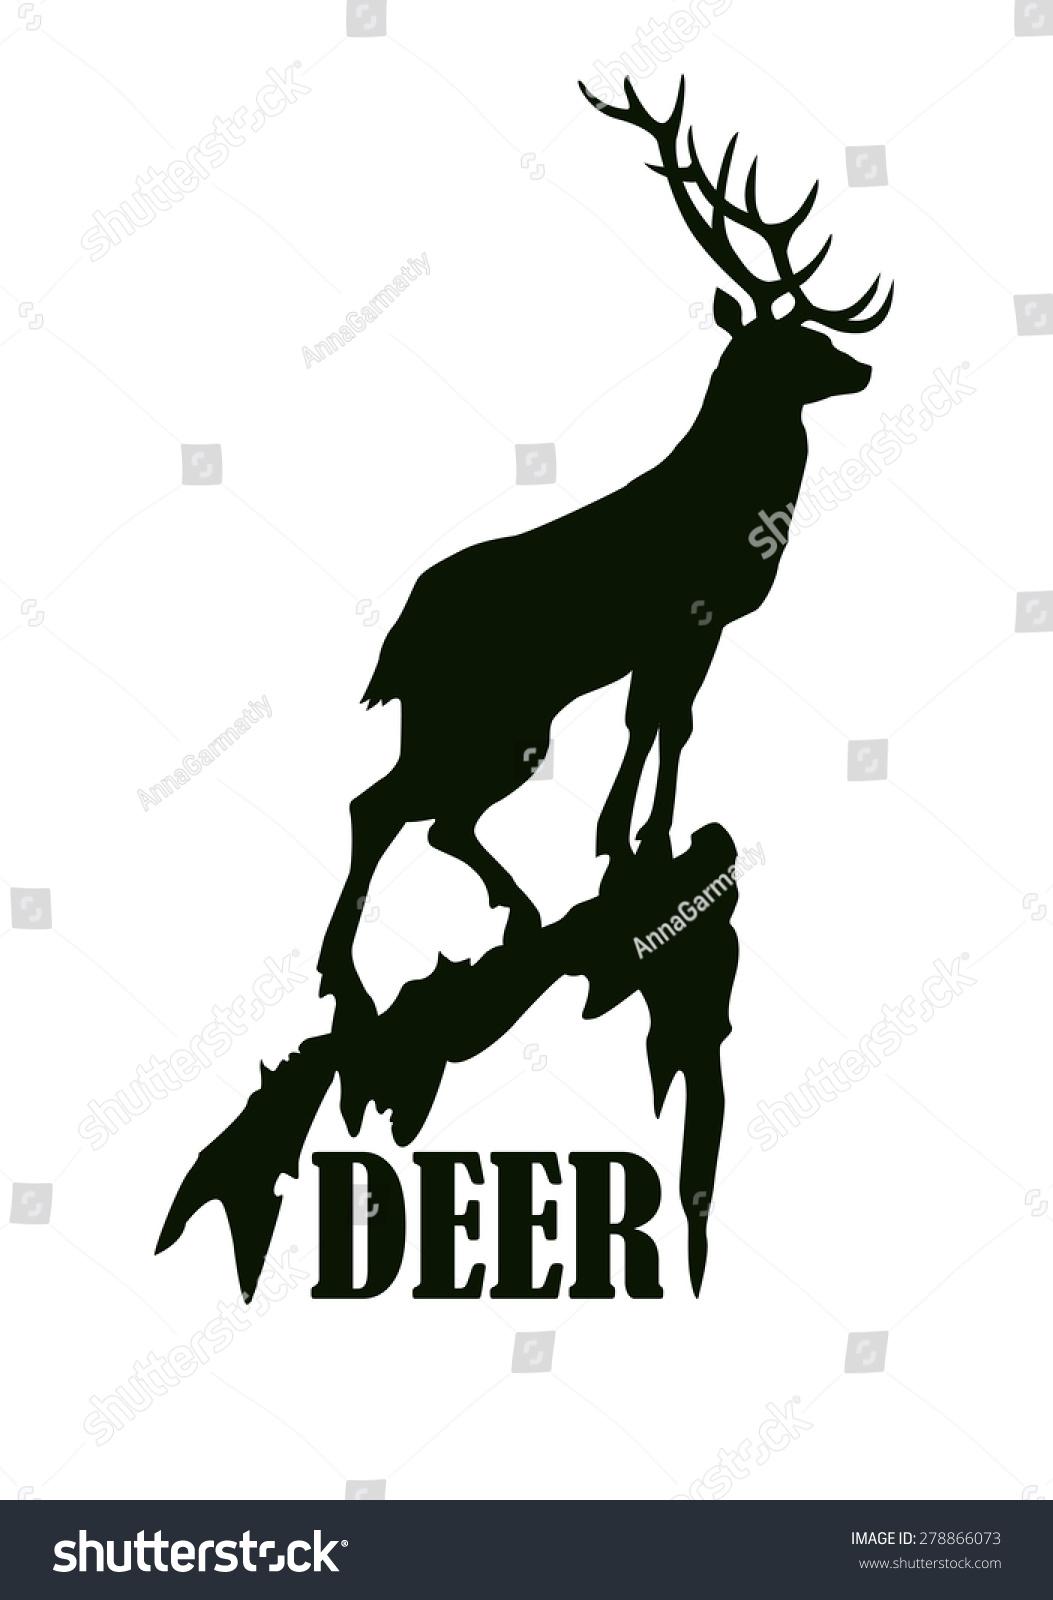 deer on rock logo design template stock vector 278866073